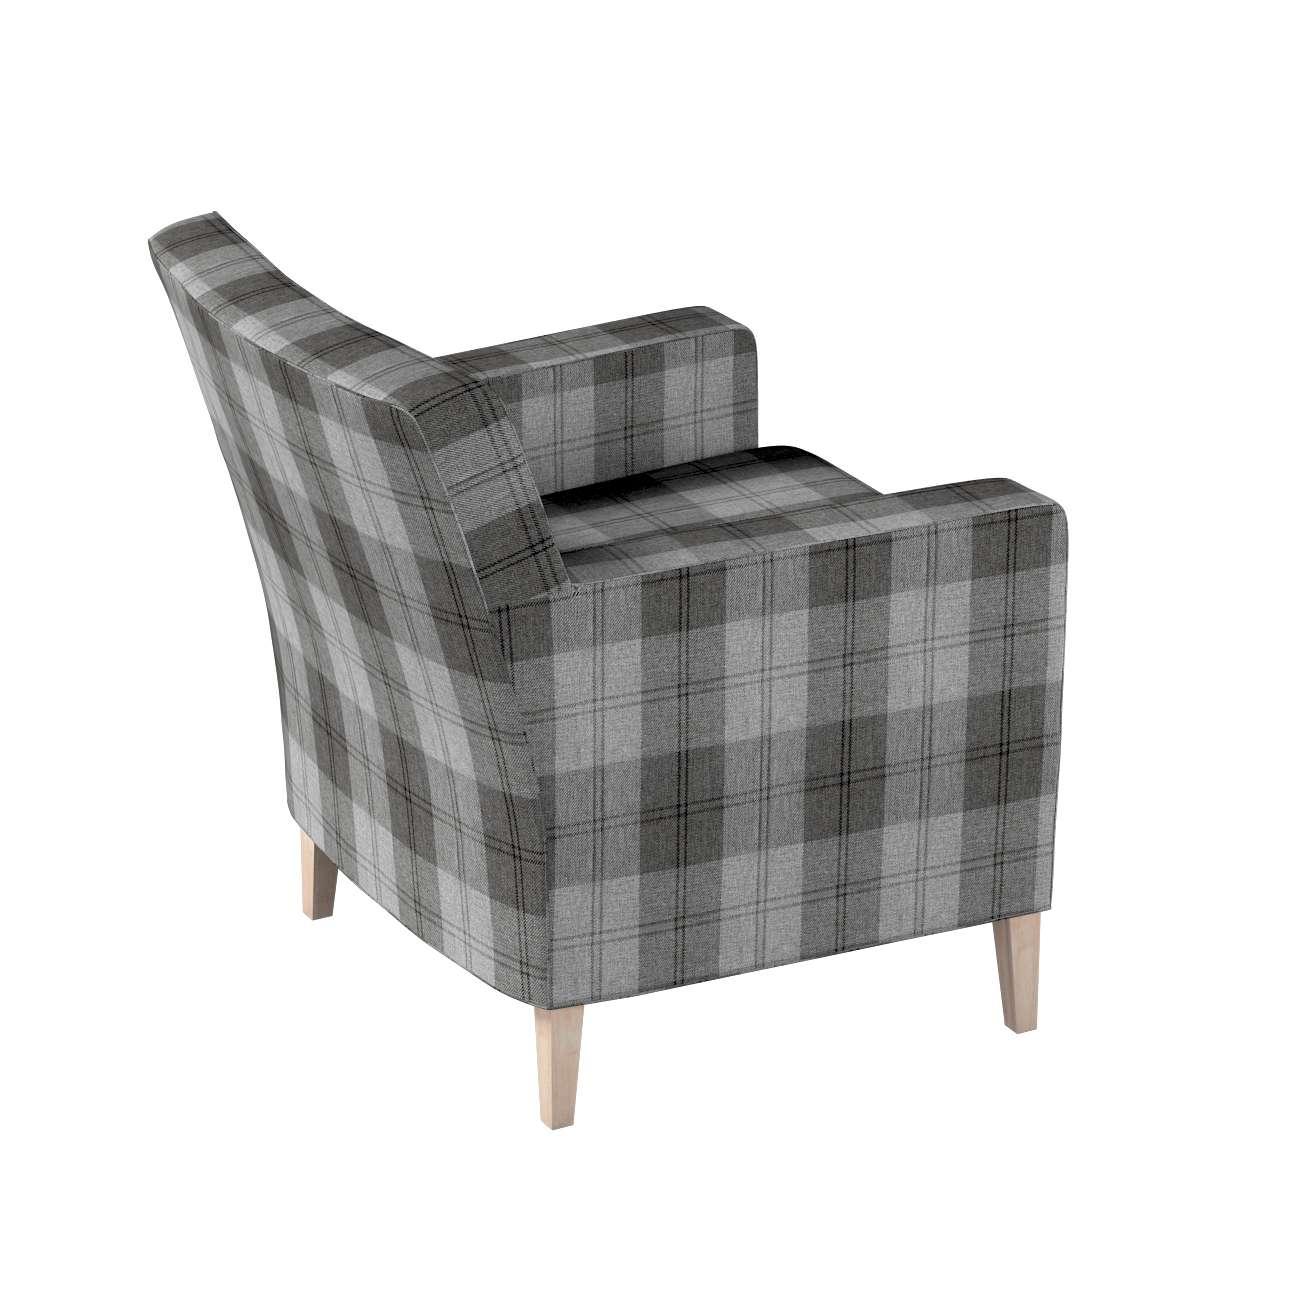 Pokrowiec na fotel Karlstad w kolekcji Edinburgh, tkanina: 115-75